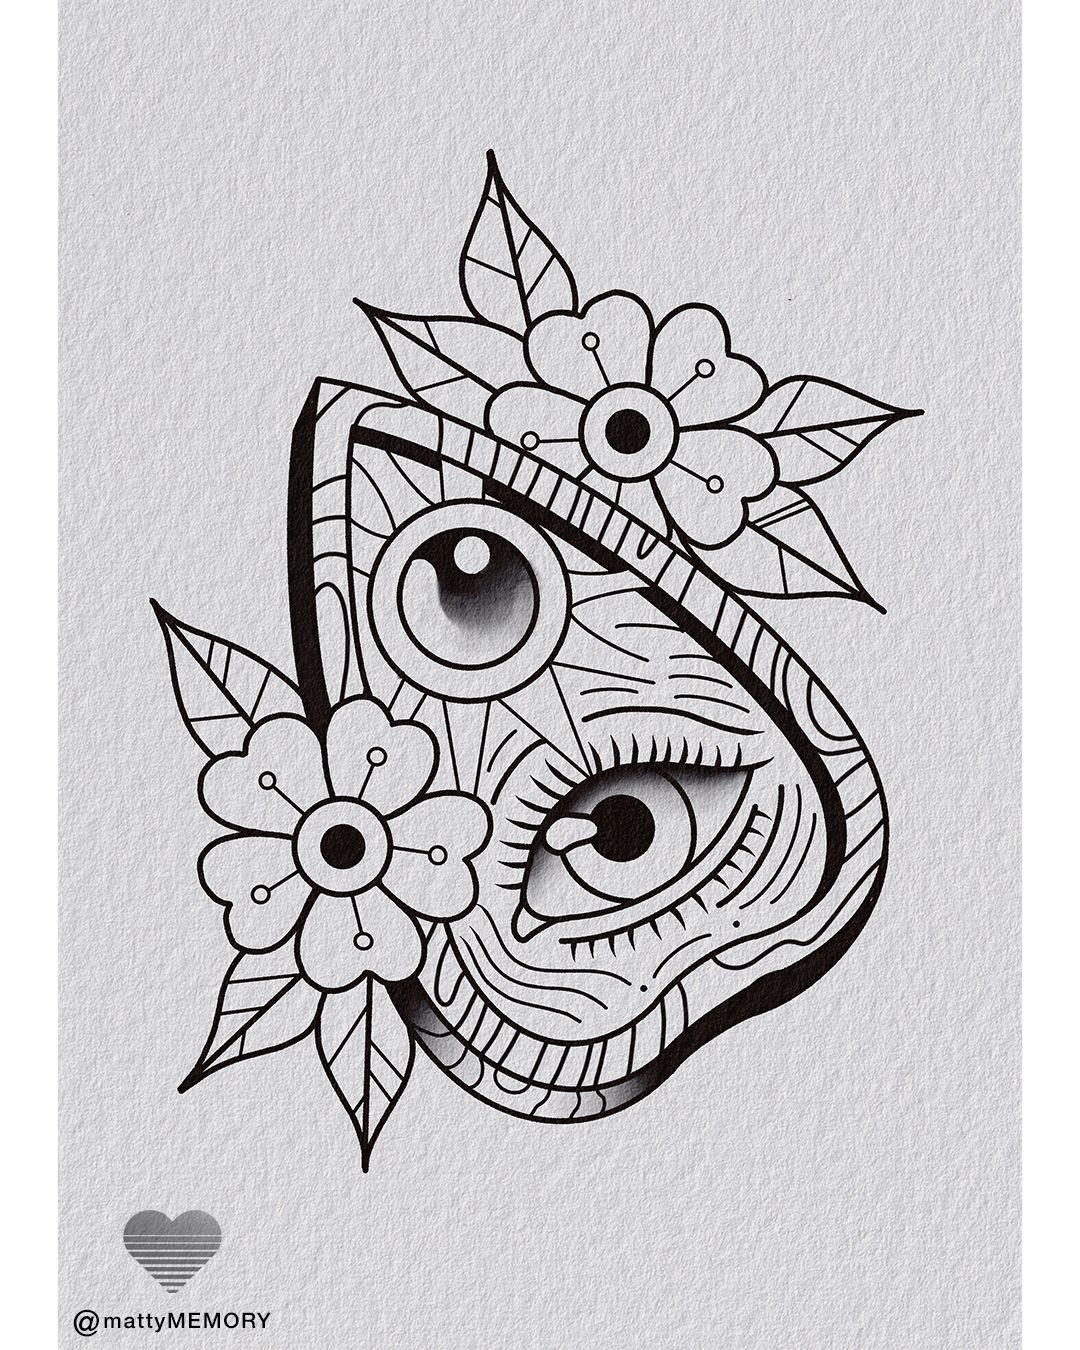 Pin By Mtclark On Tattoos Ouija Tattoo Flash Tattoo Designs Body Art Tattoos